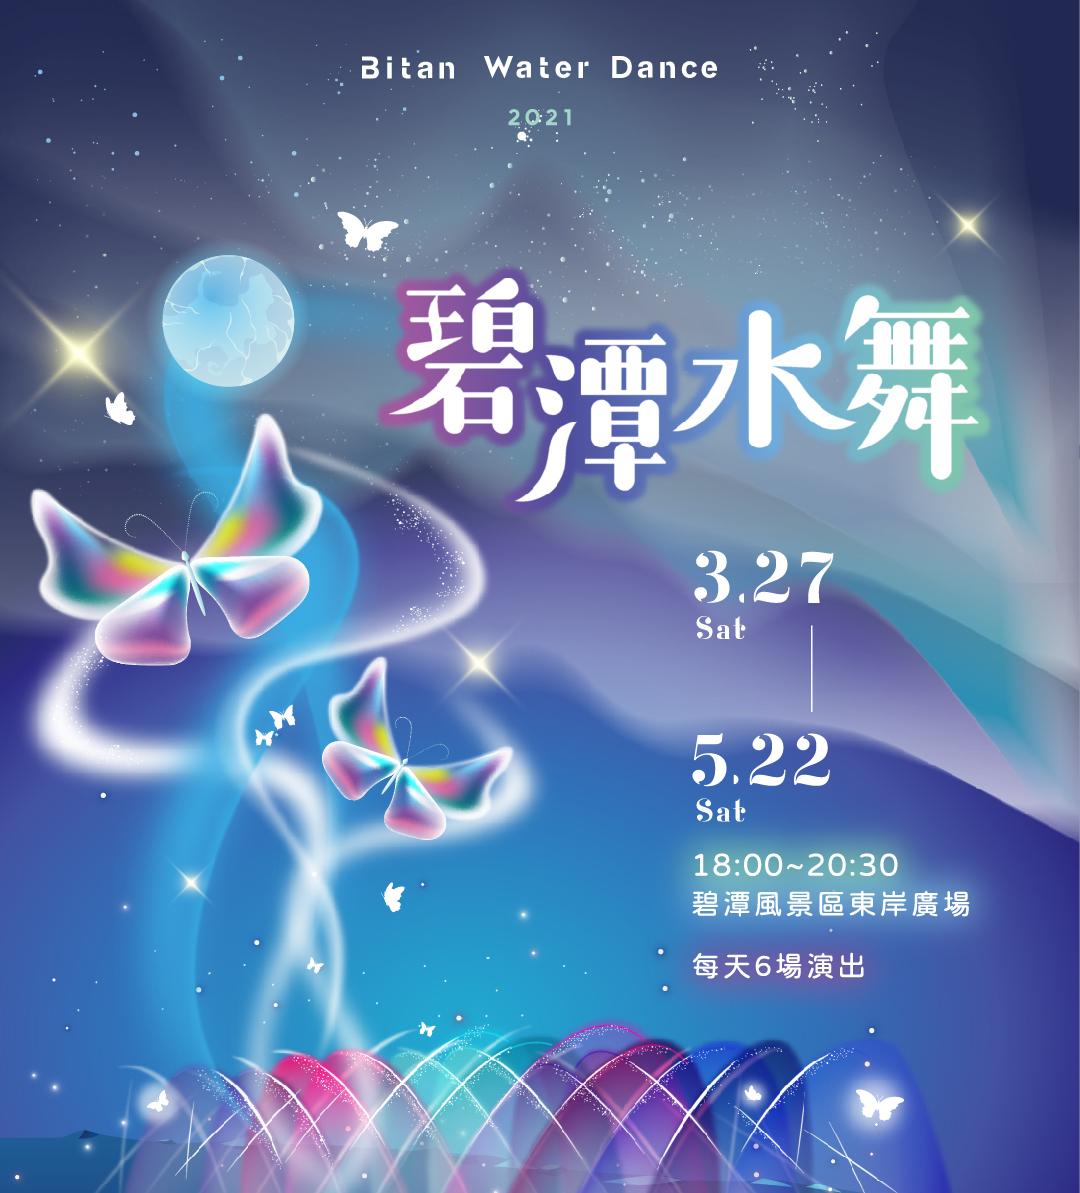 碧潭花舞幸福水舞秀 三月底登場 360度環境劇場